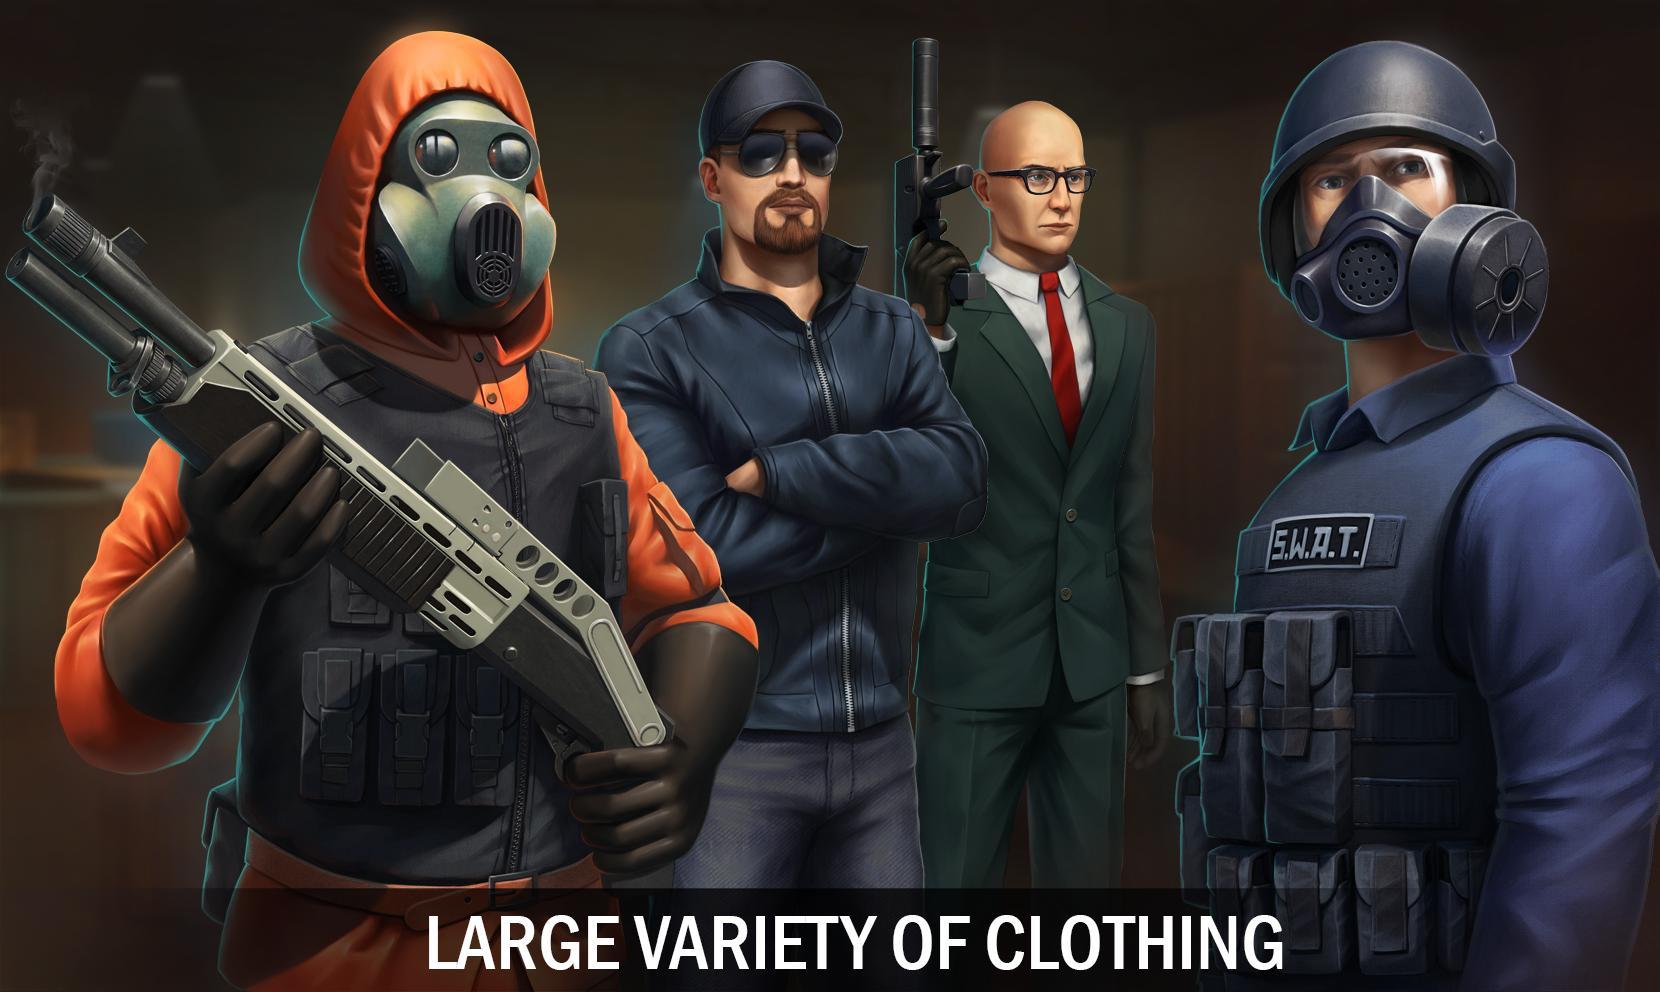 Crime Revolt - Online FPS (PvP Shooter) 2.18 Screenshot 8